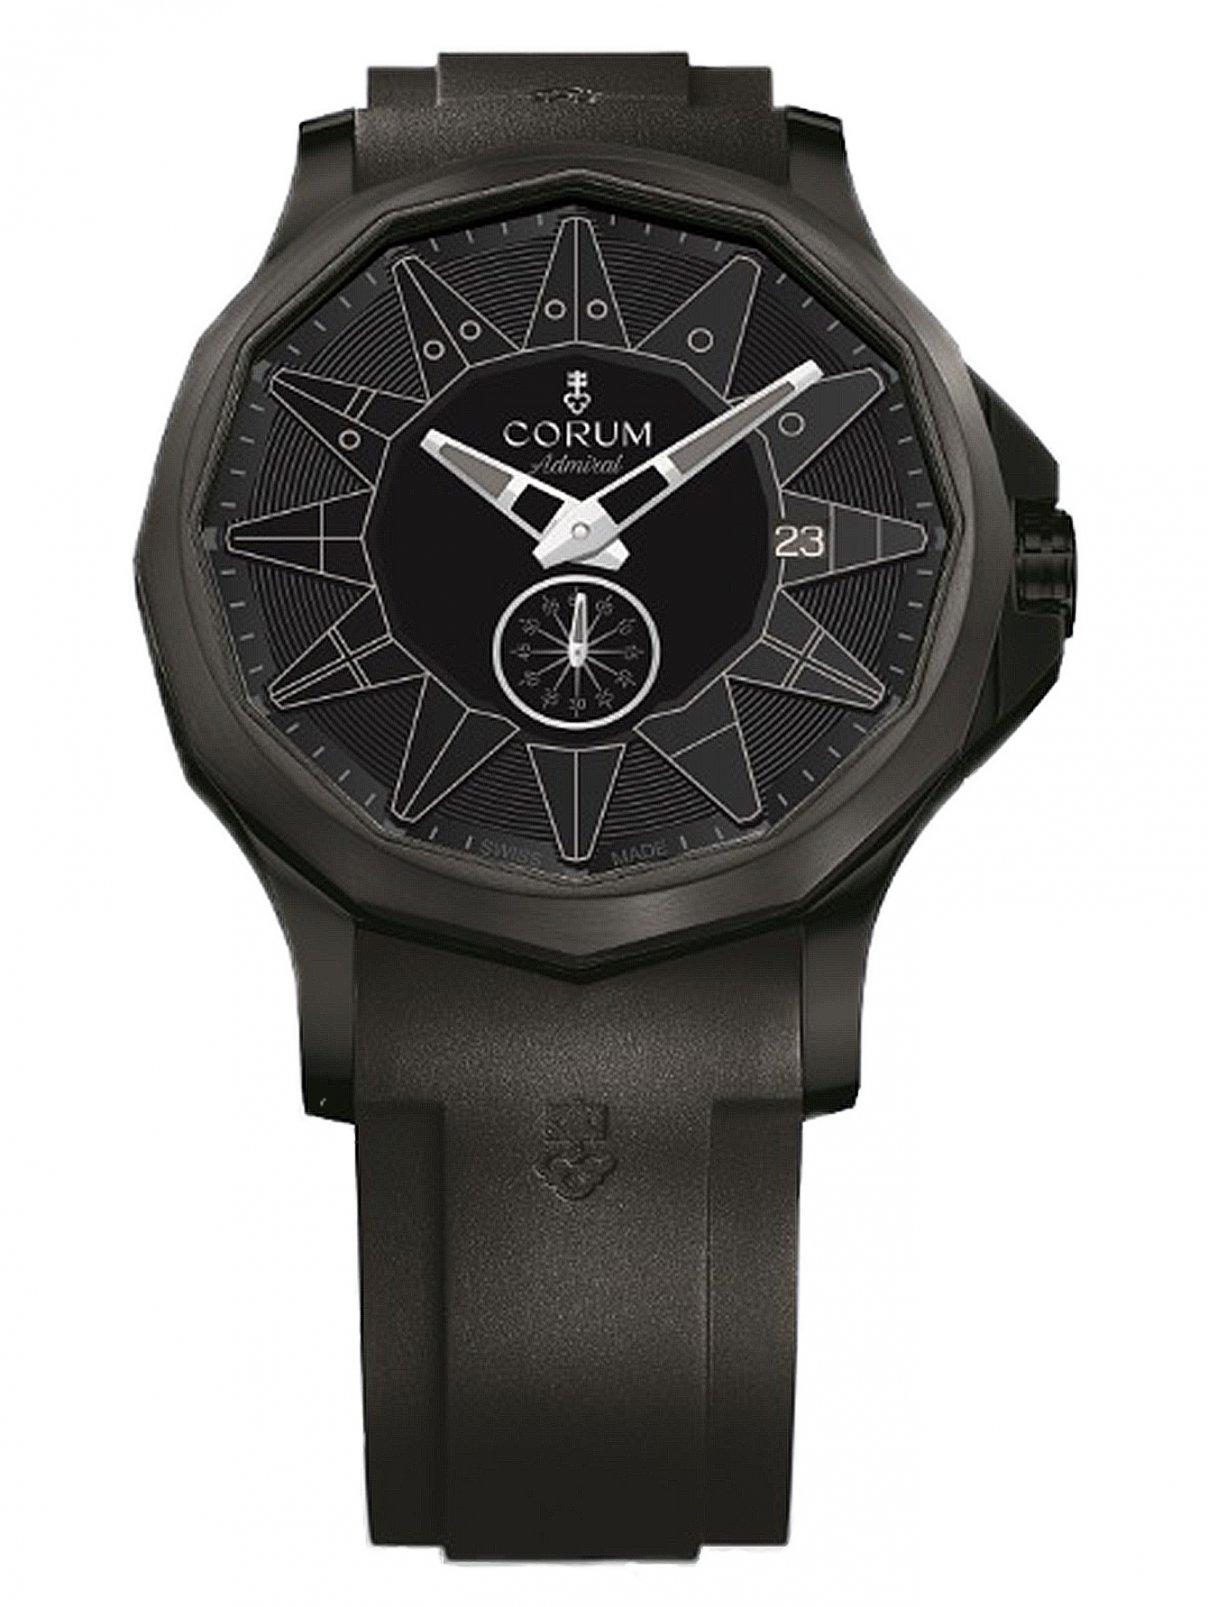 Часы A395/04015 Admiral Legend Corum  –  Общий вид